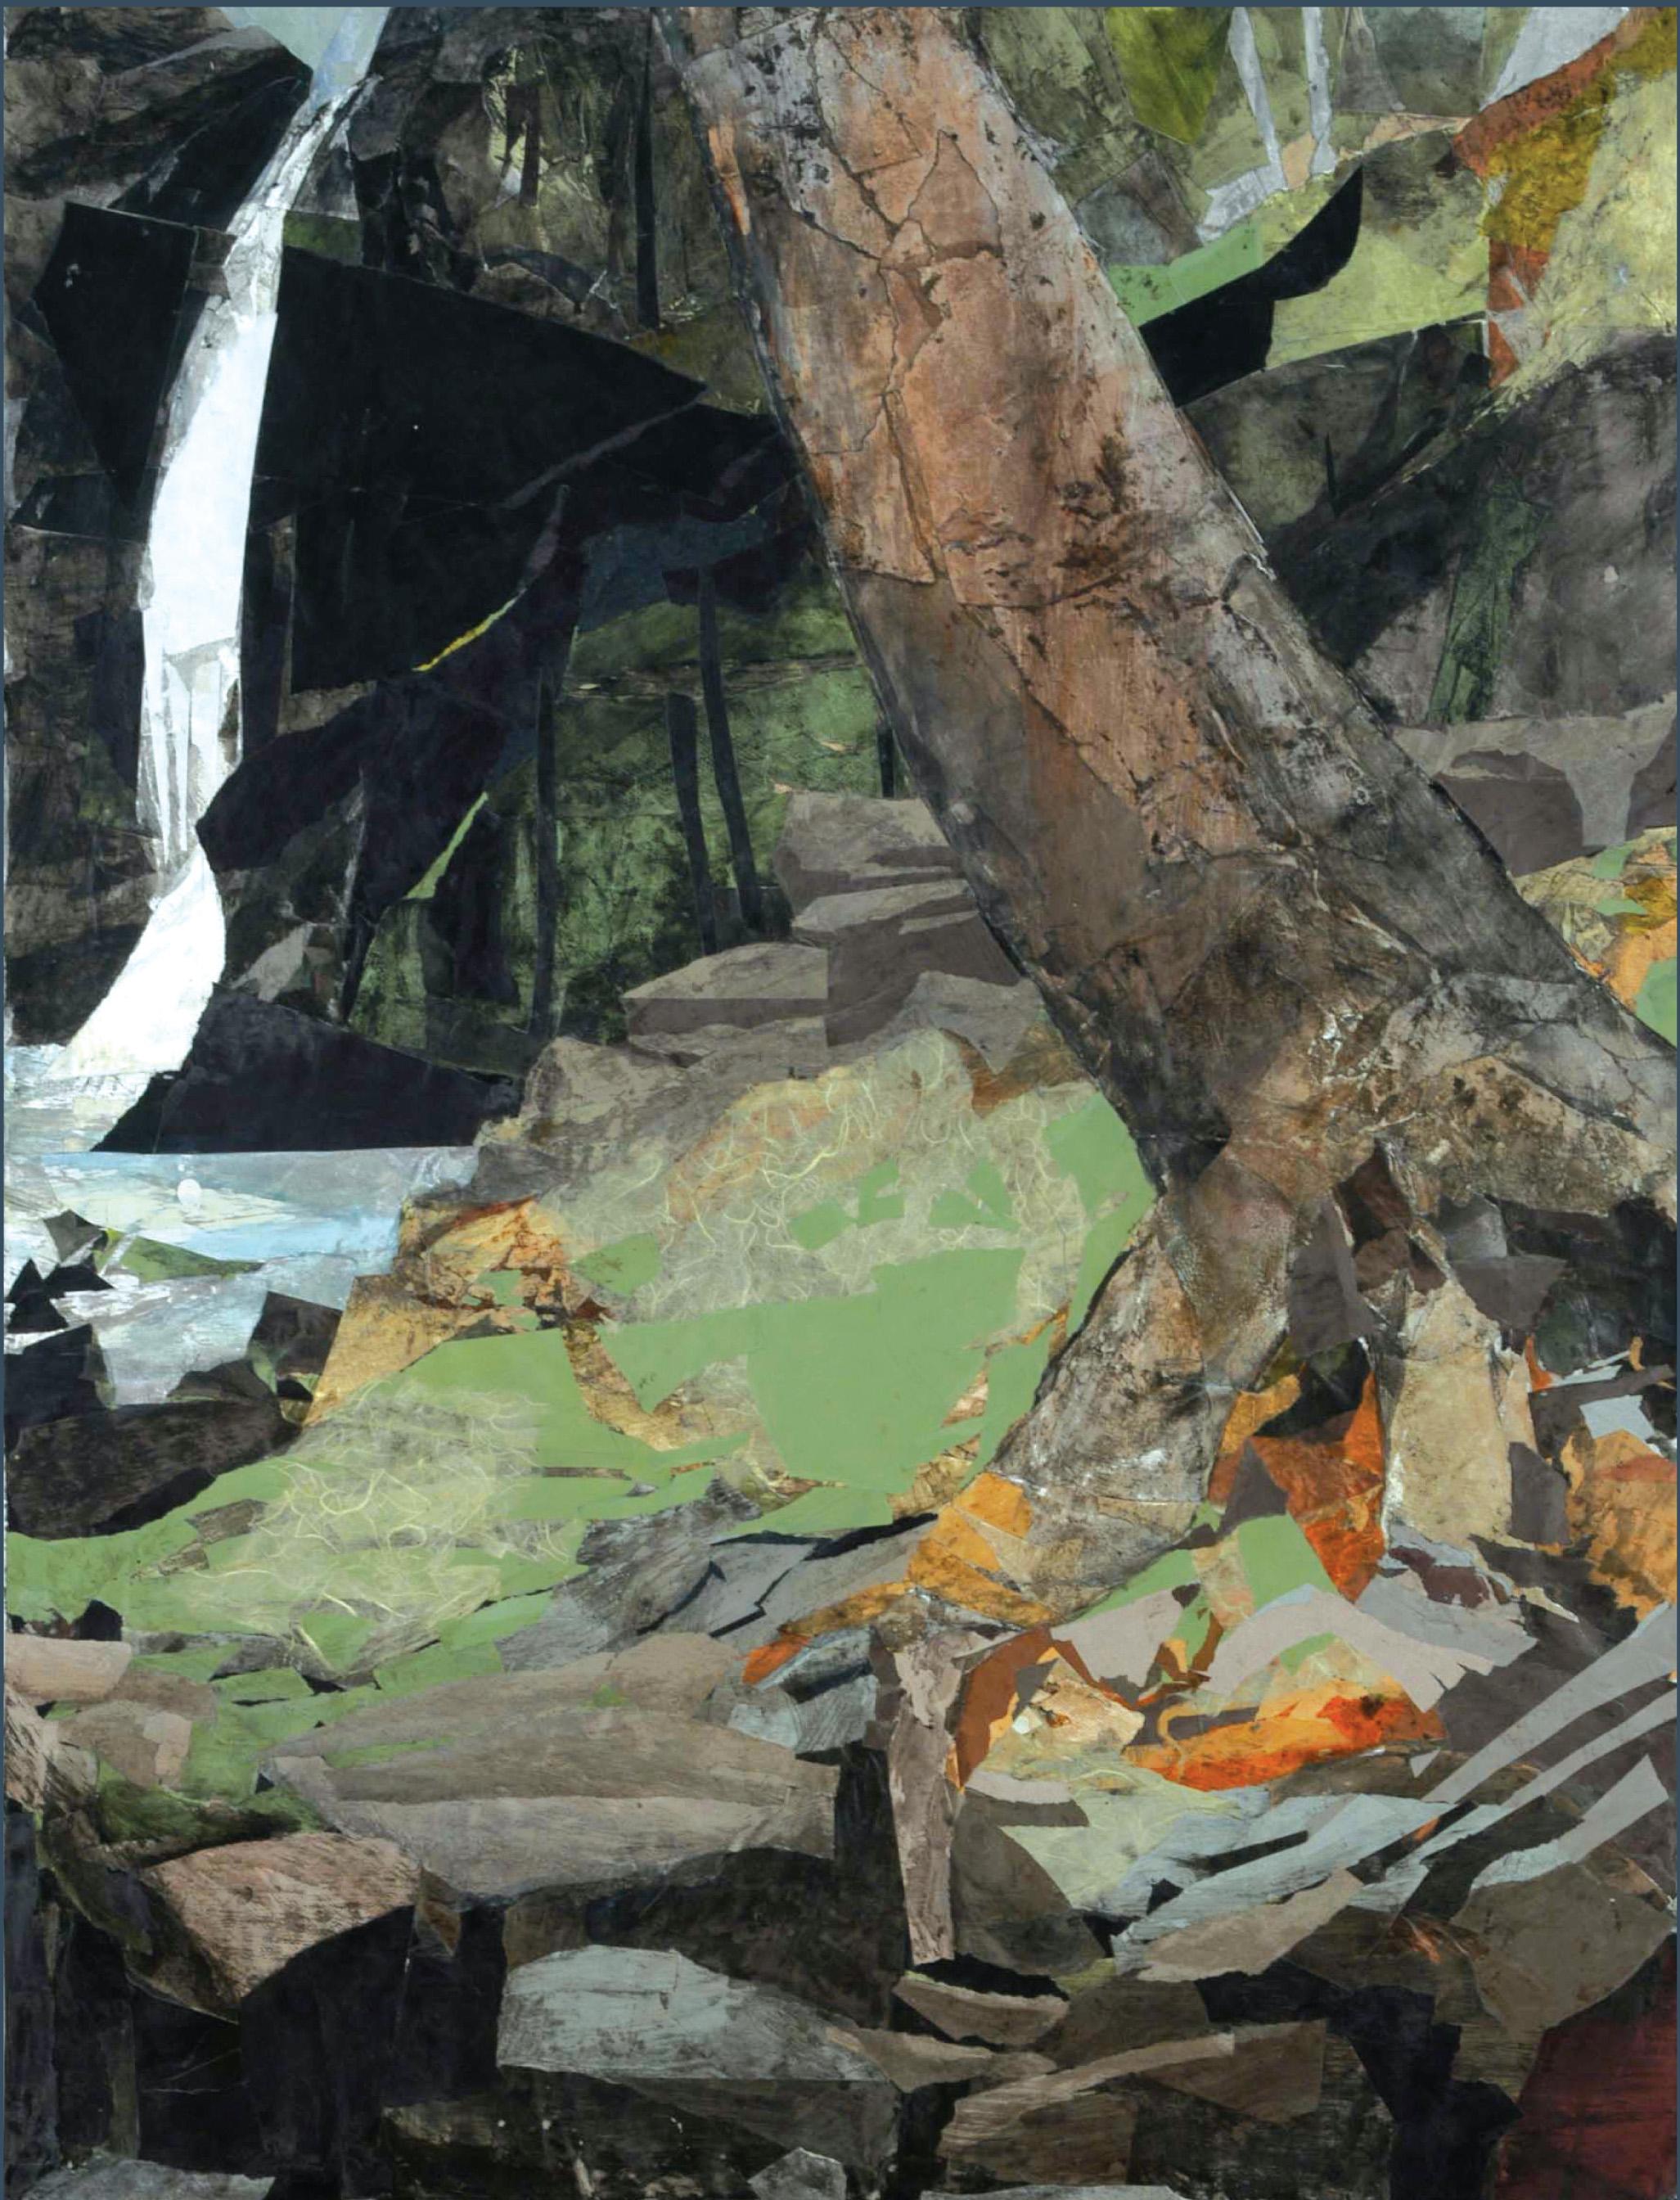 Plattekill Falls, 2006